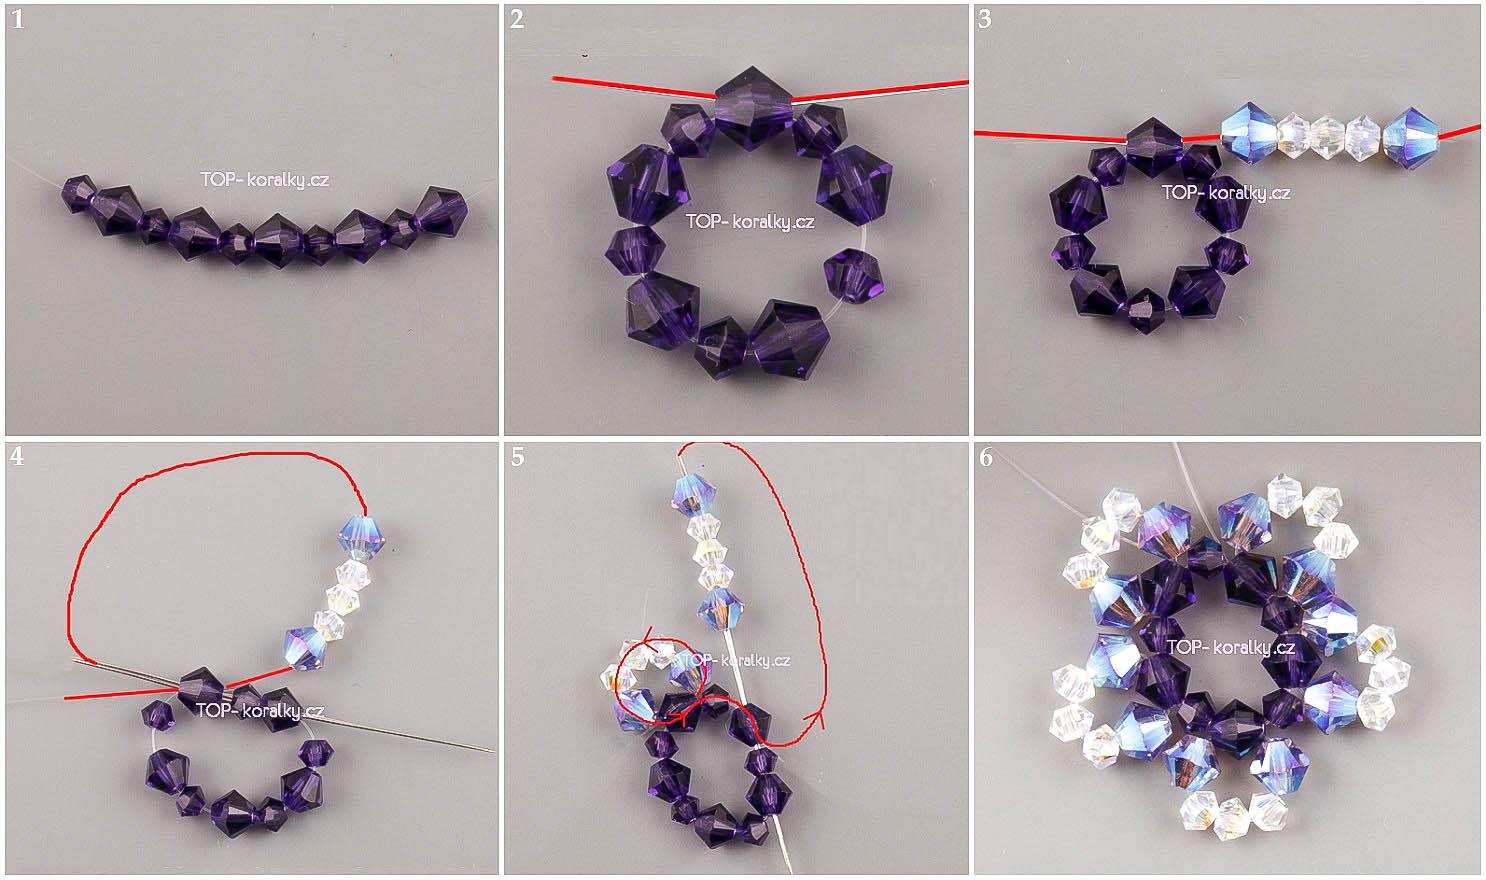 """Серьги  """"Звездочки """" из бисера.  МК Необходимые материалы для плетения: - Биконусные кристаллы 4 мм фиолетового и..."""